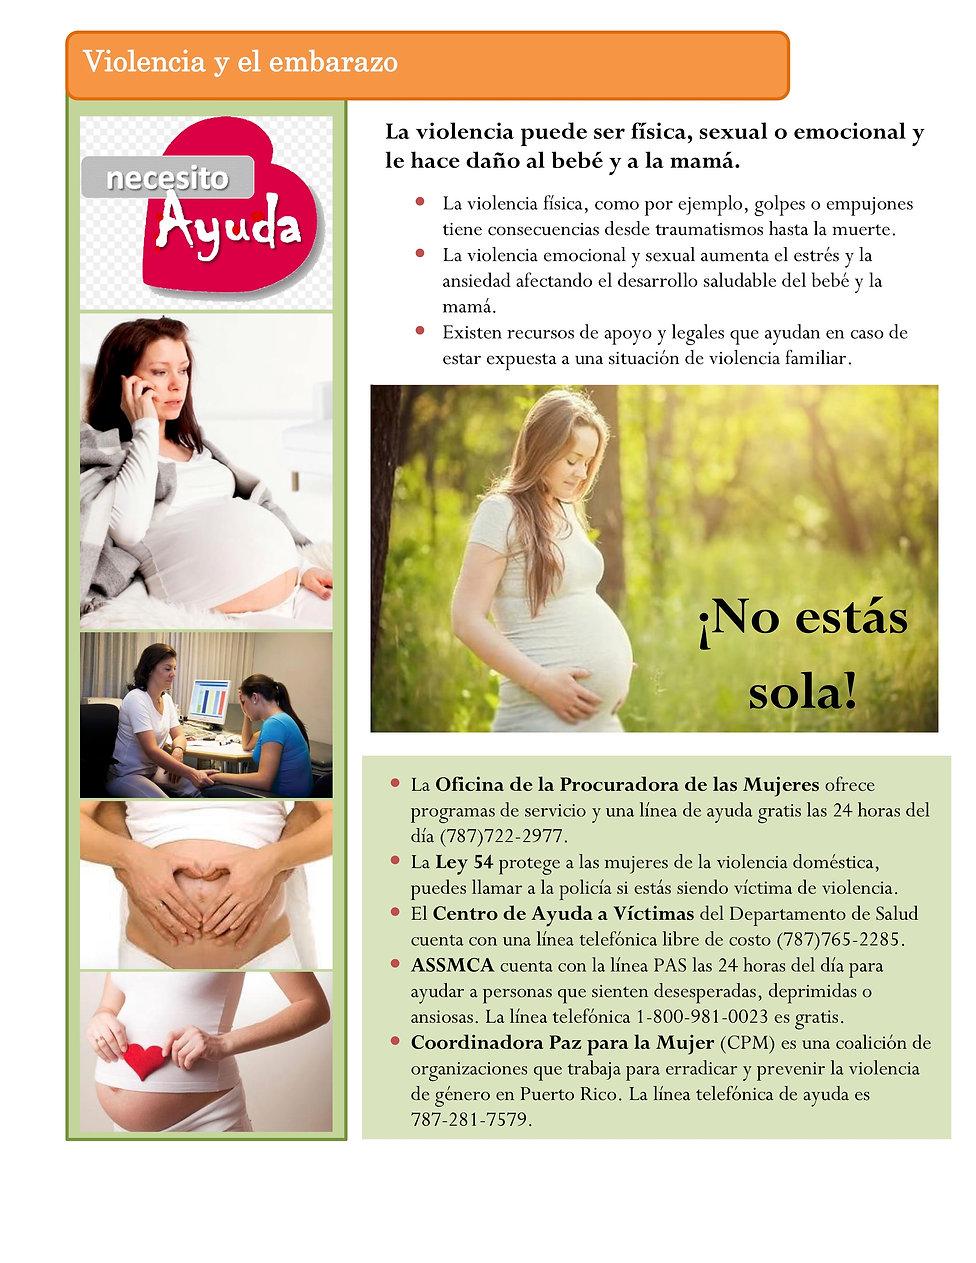 6. Violencia y el embarazo 2018.jpg